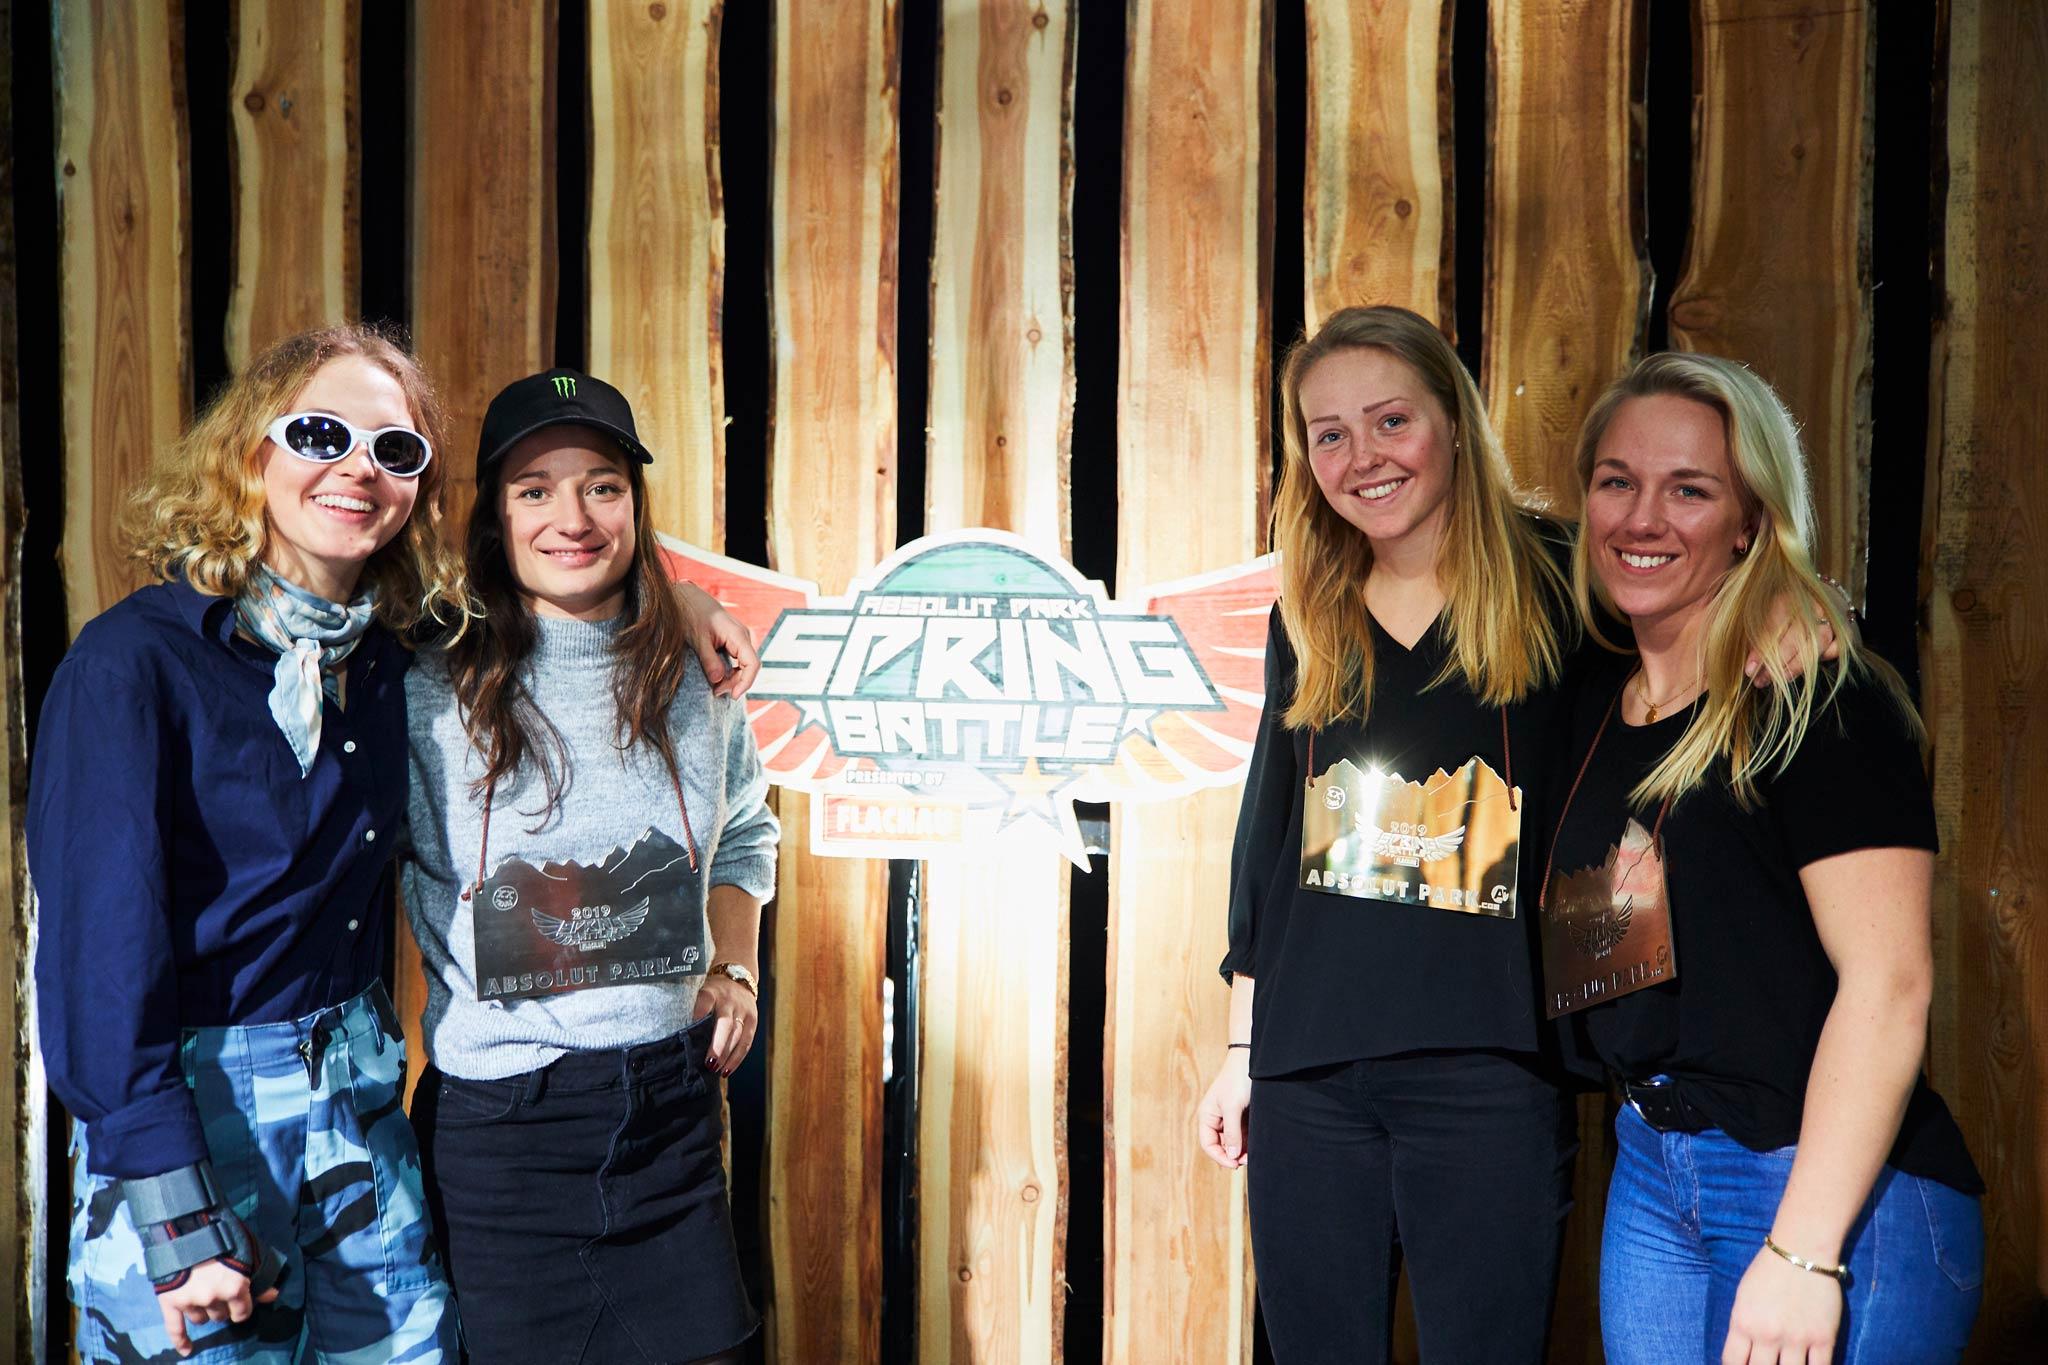 Die vier besten Frauen: Margaux Hackett (4.), Sarah Hoefflin (2.), Johanne Killi (1.) & Sandra Eie (3.) - Foto: Sophie Kirchner